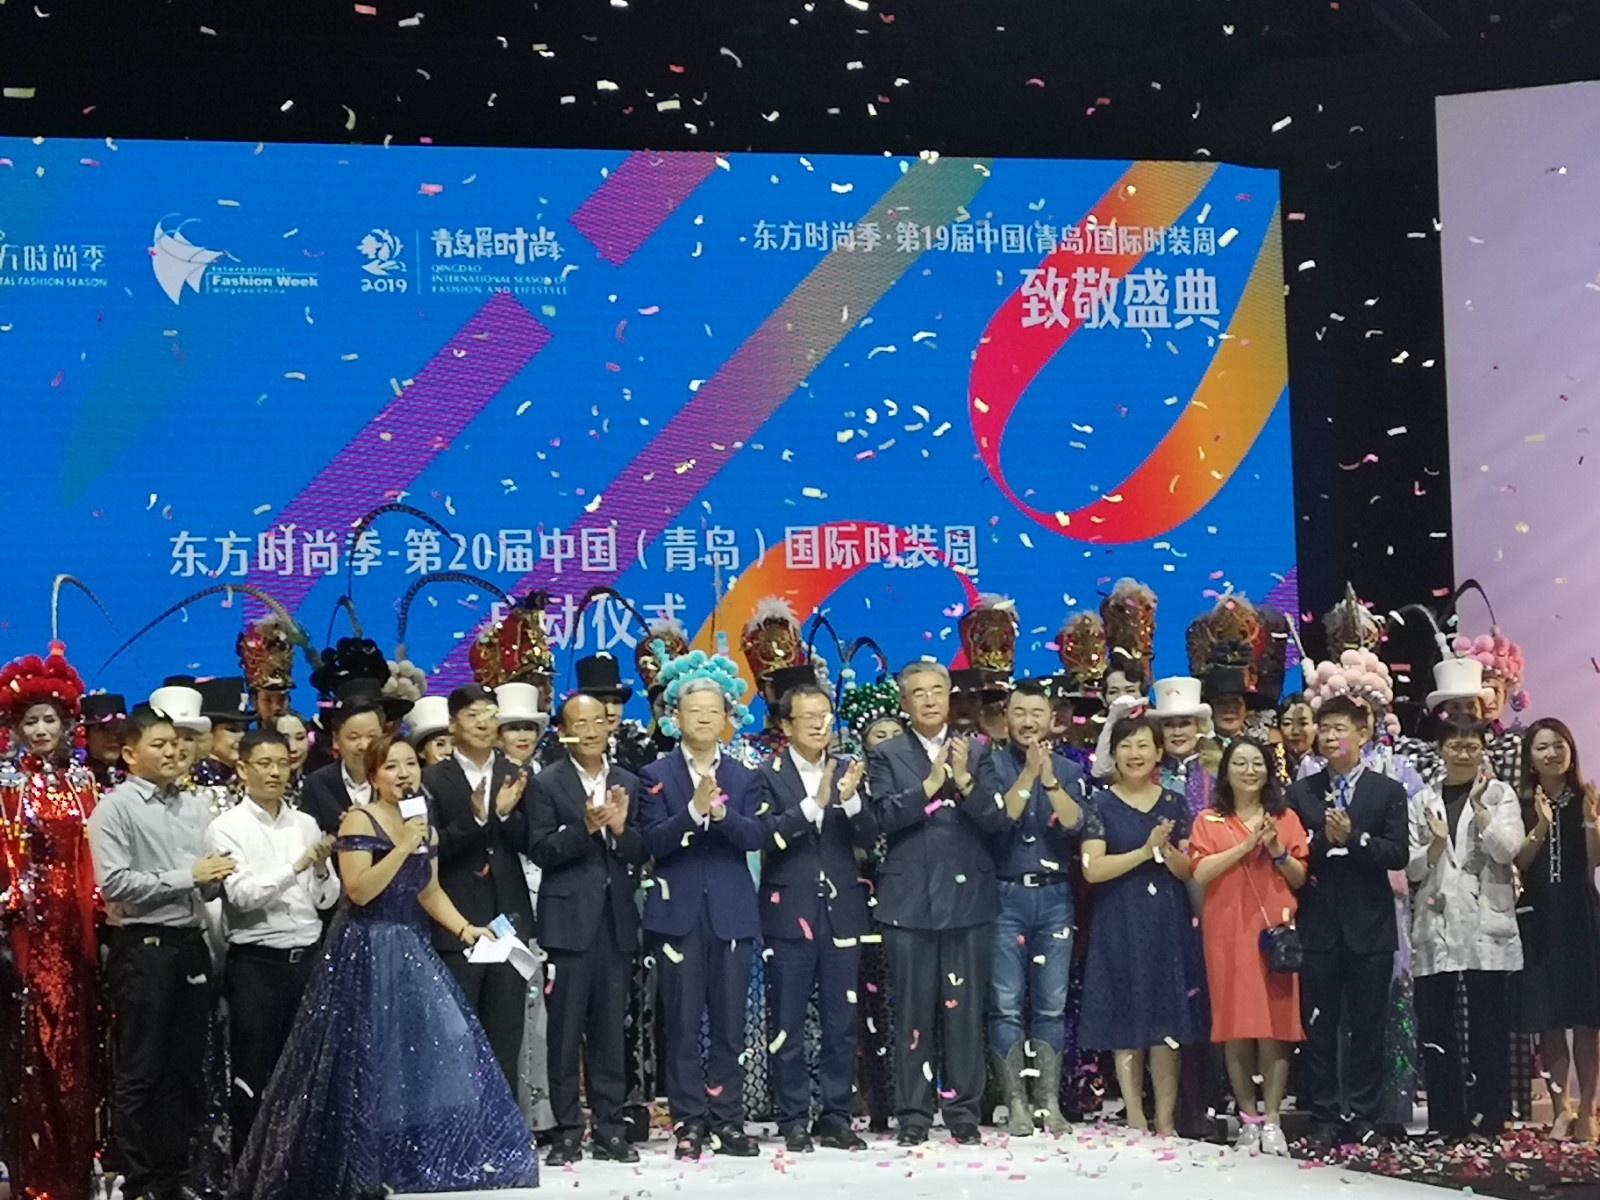 东方时尚季?第十九届中国(青岛)国际时装周圆满落幕